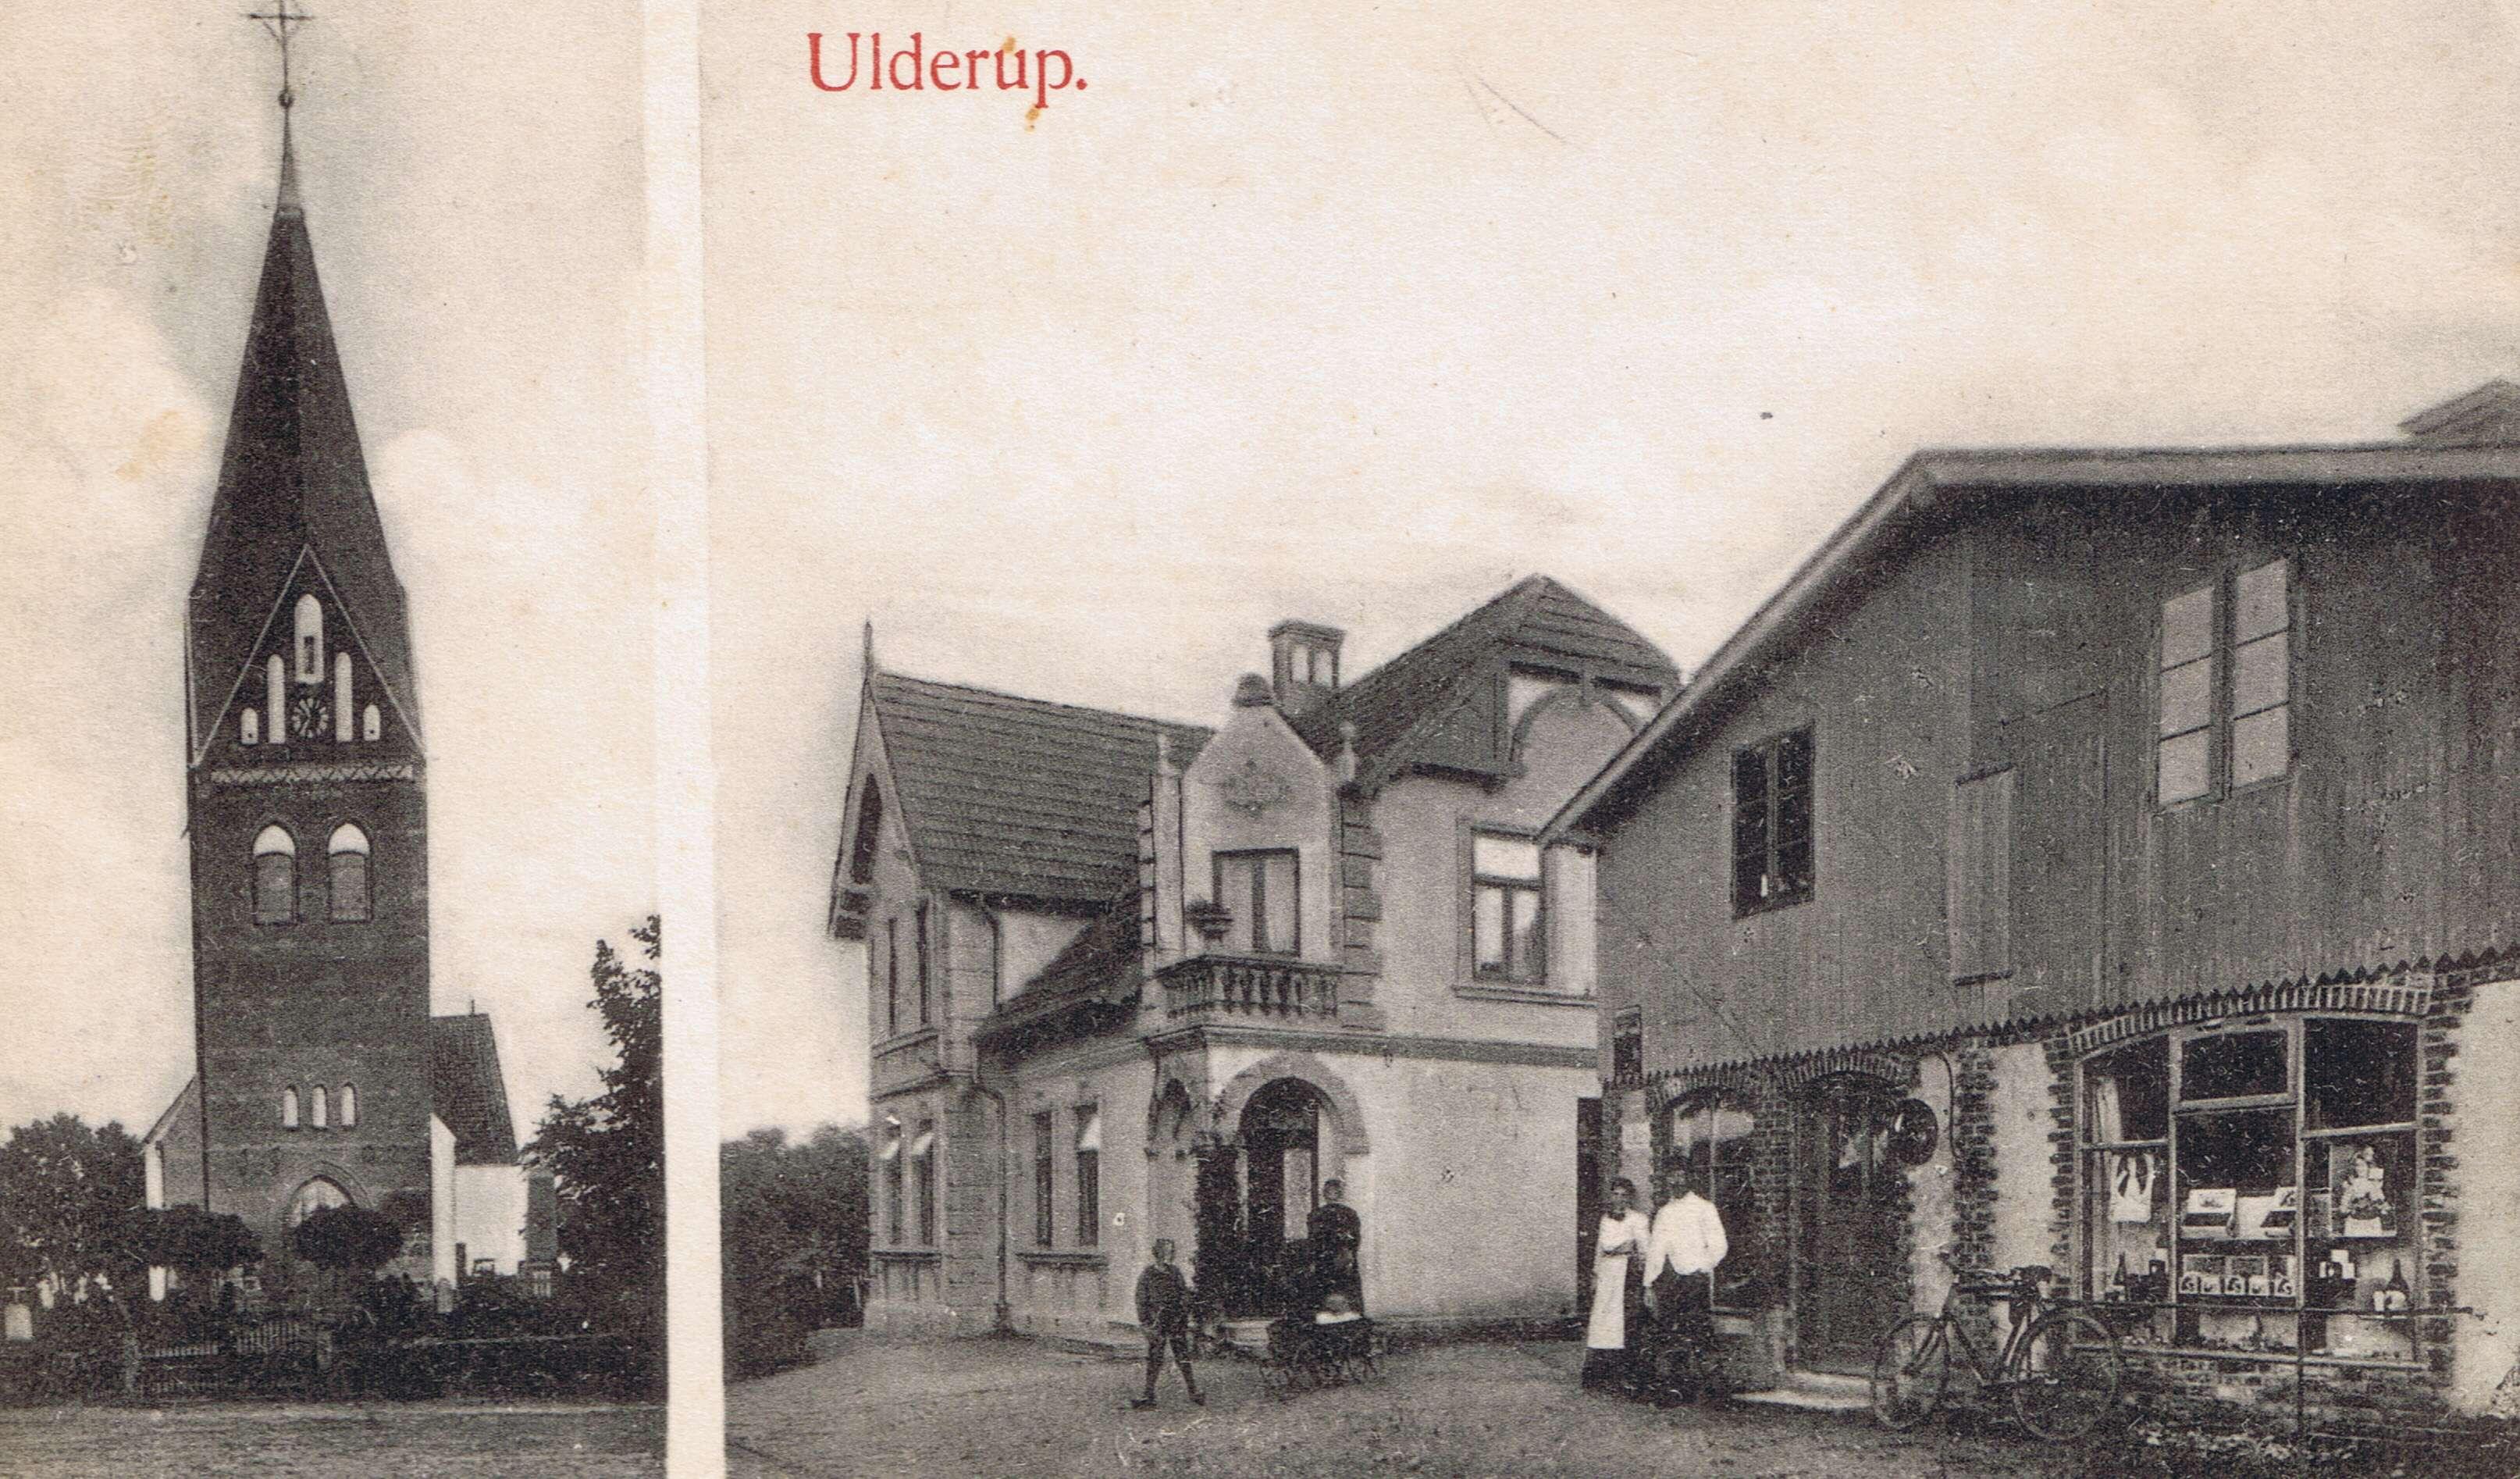 ullerup-5.jpg